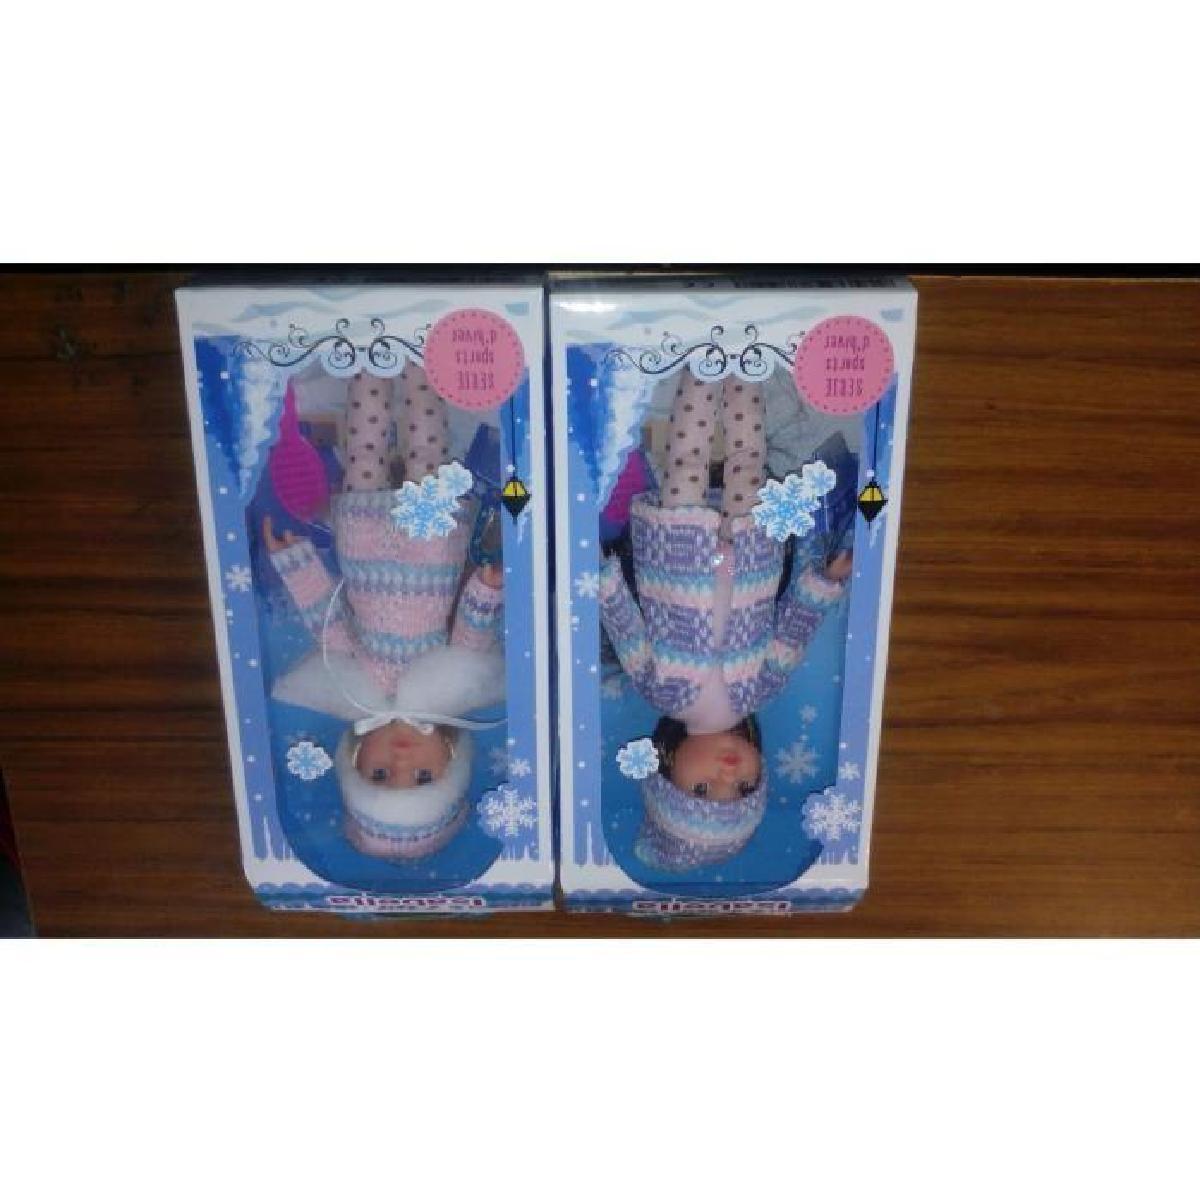 POUPEE ISABELLA Achat / Vente poupée